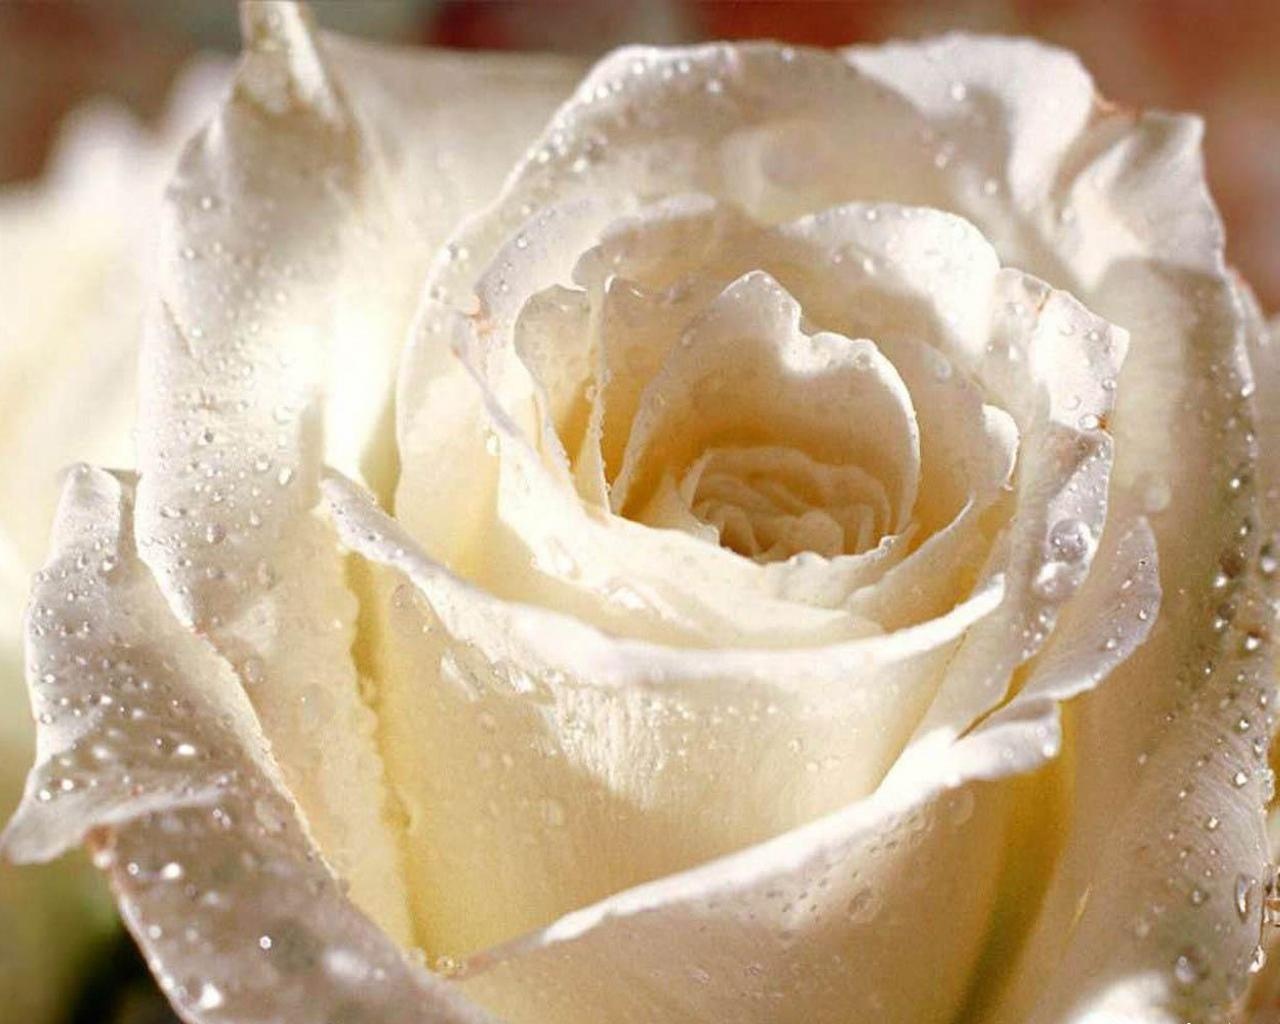 http://1.bp.blogspot.com/-anVvUCJO0z4/T9r9QAt02GI/AAAAAAAAALo/BZsP4lpxpW8/s1600/flower-wallpaper-49.jpg